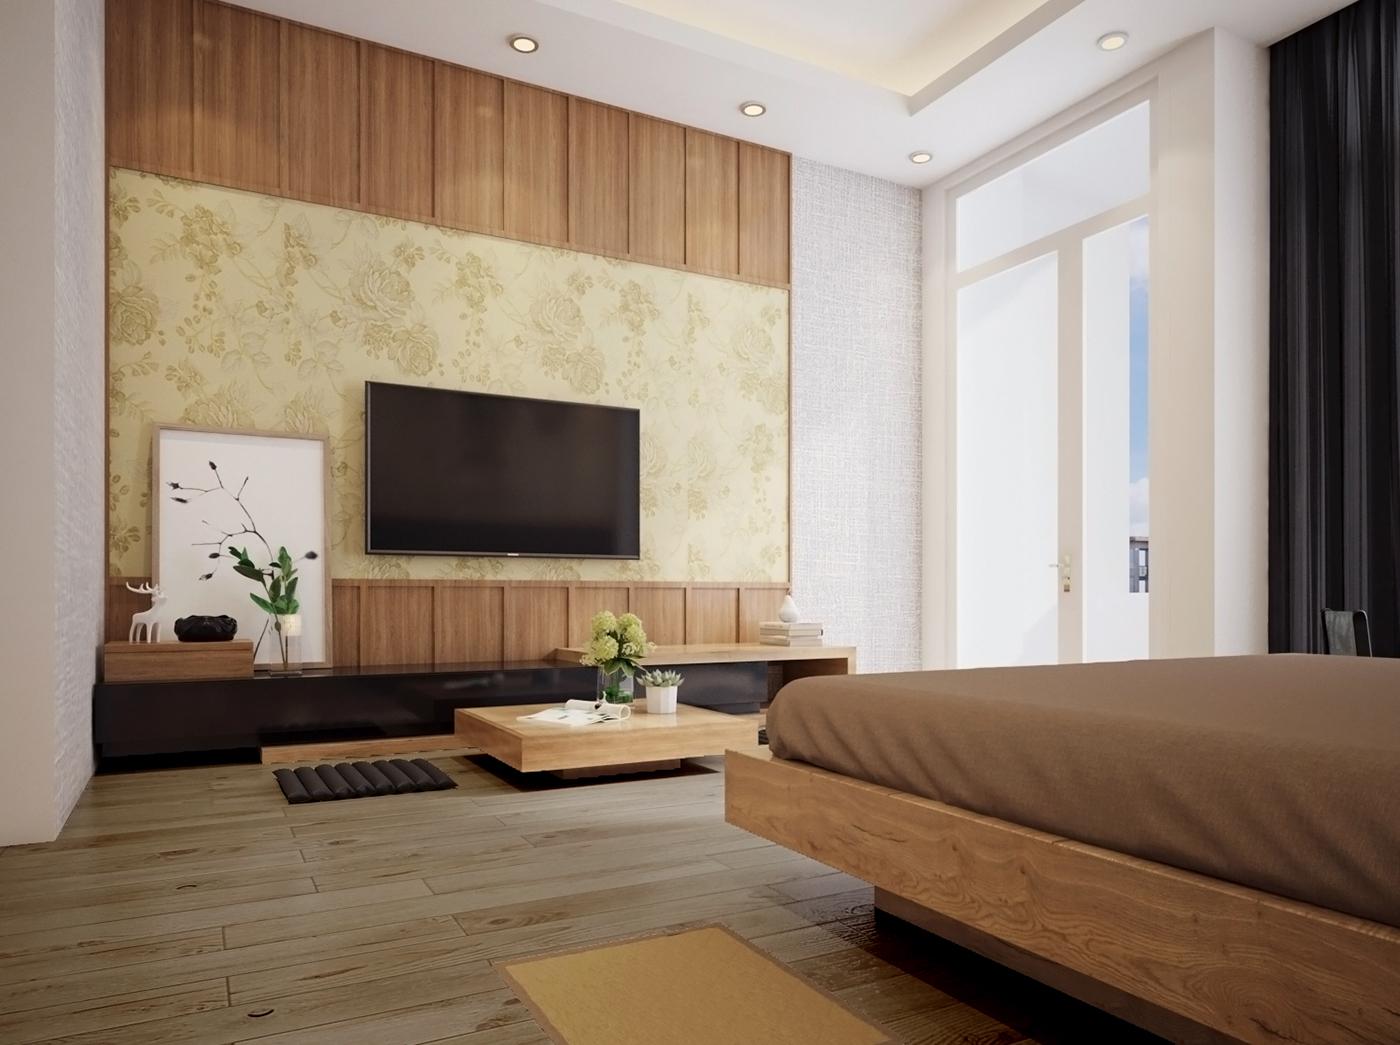 Khi bước vào phòng ngủ nhà phố rộng 6m 3 tầng, bạn sẽ cảm nhận sự ấm áp mộc mạc từ sàn gỗ